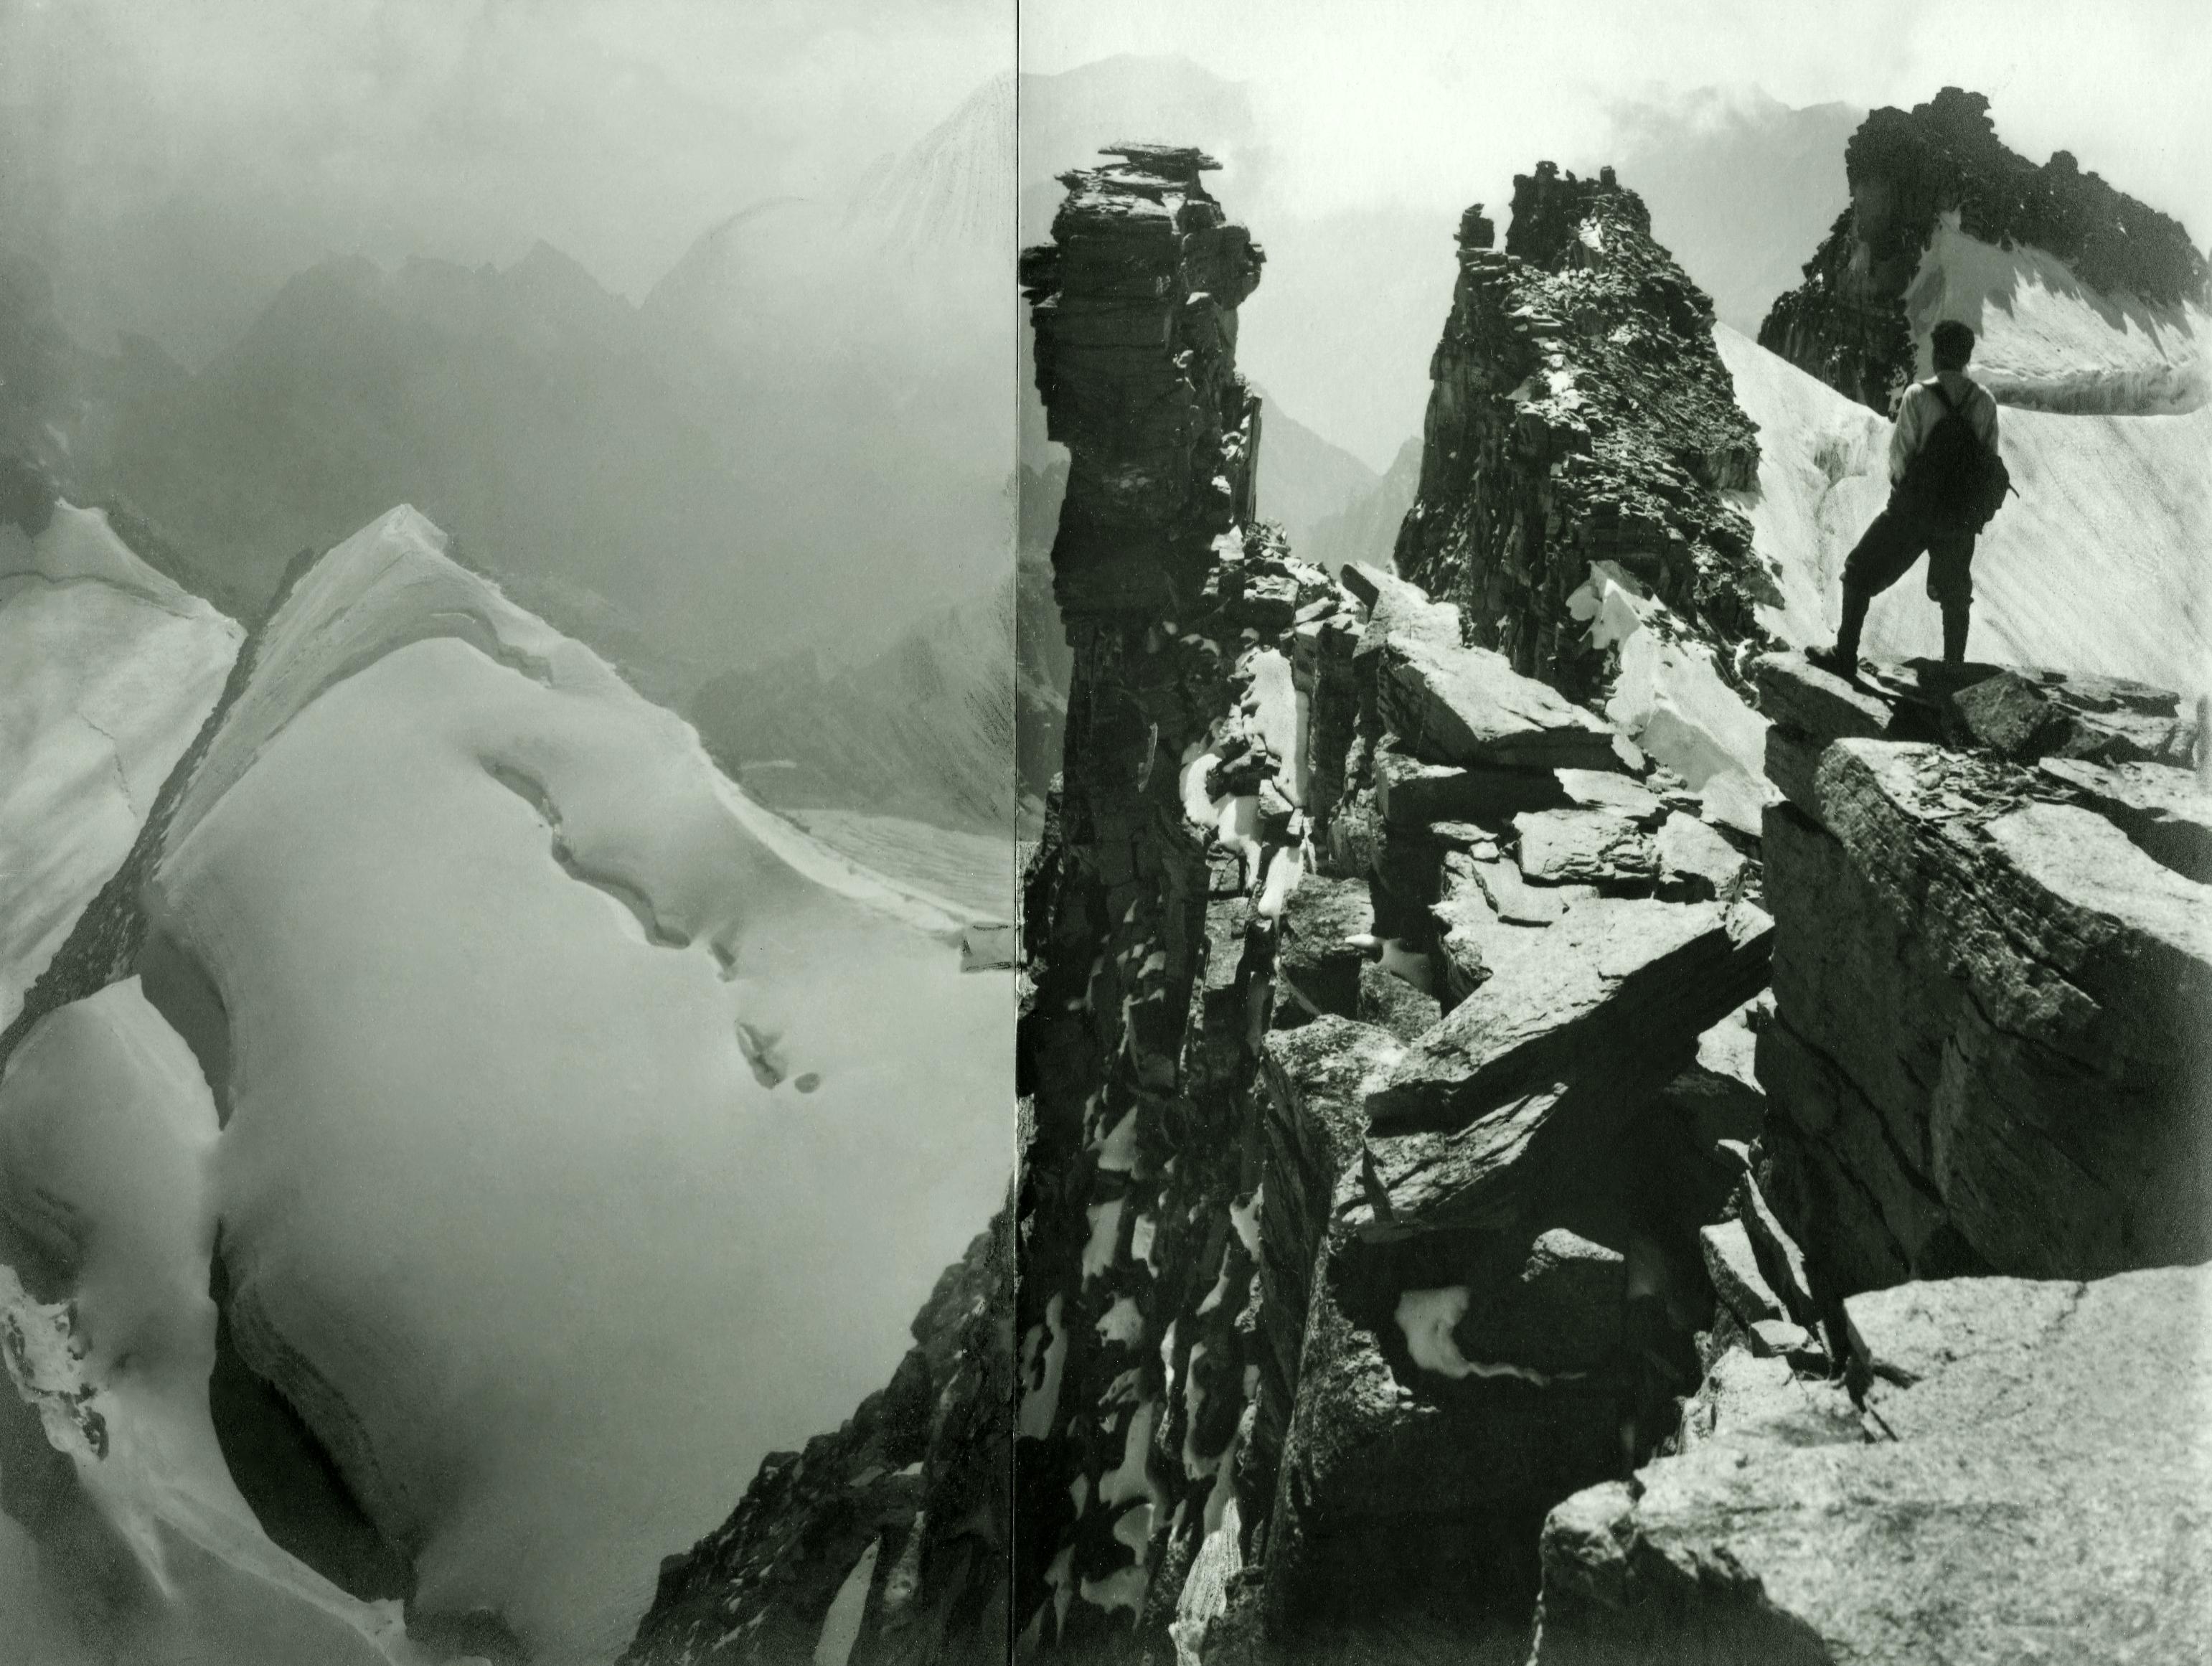 Vom Gran Paradiso gegen Südosten, auf den Felsklippen Alfred Cohn. Montage aus zwei Aufnahmen. September 1928.